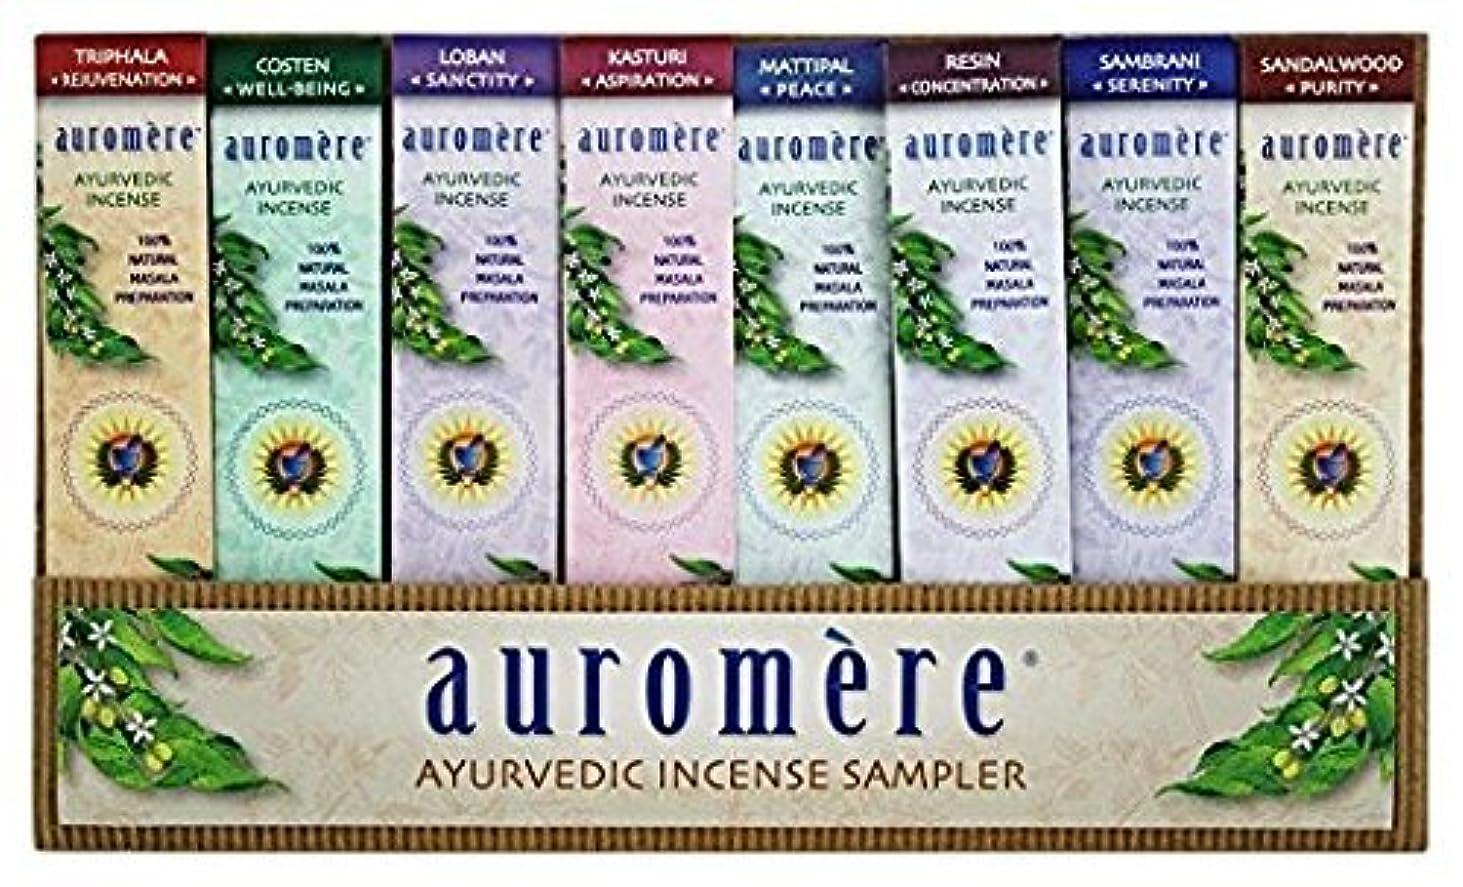 市場リーンの前でAuromere Ayurvedic Incense Sampler [並行輸入品]